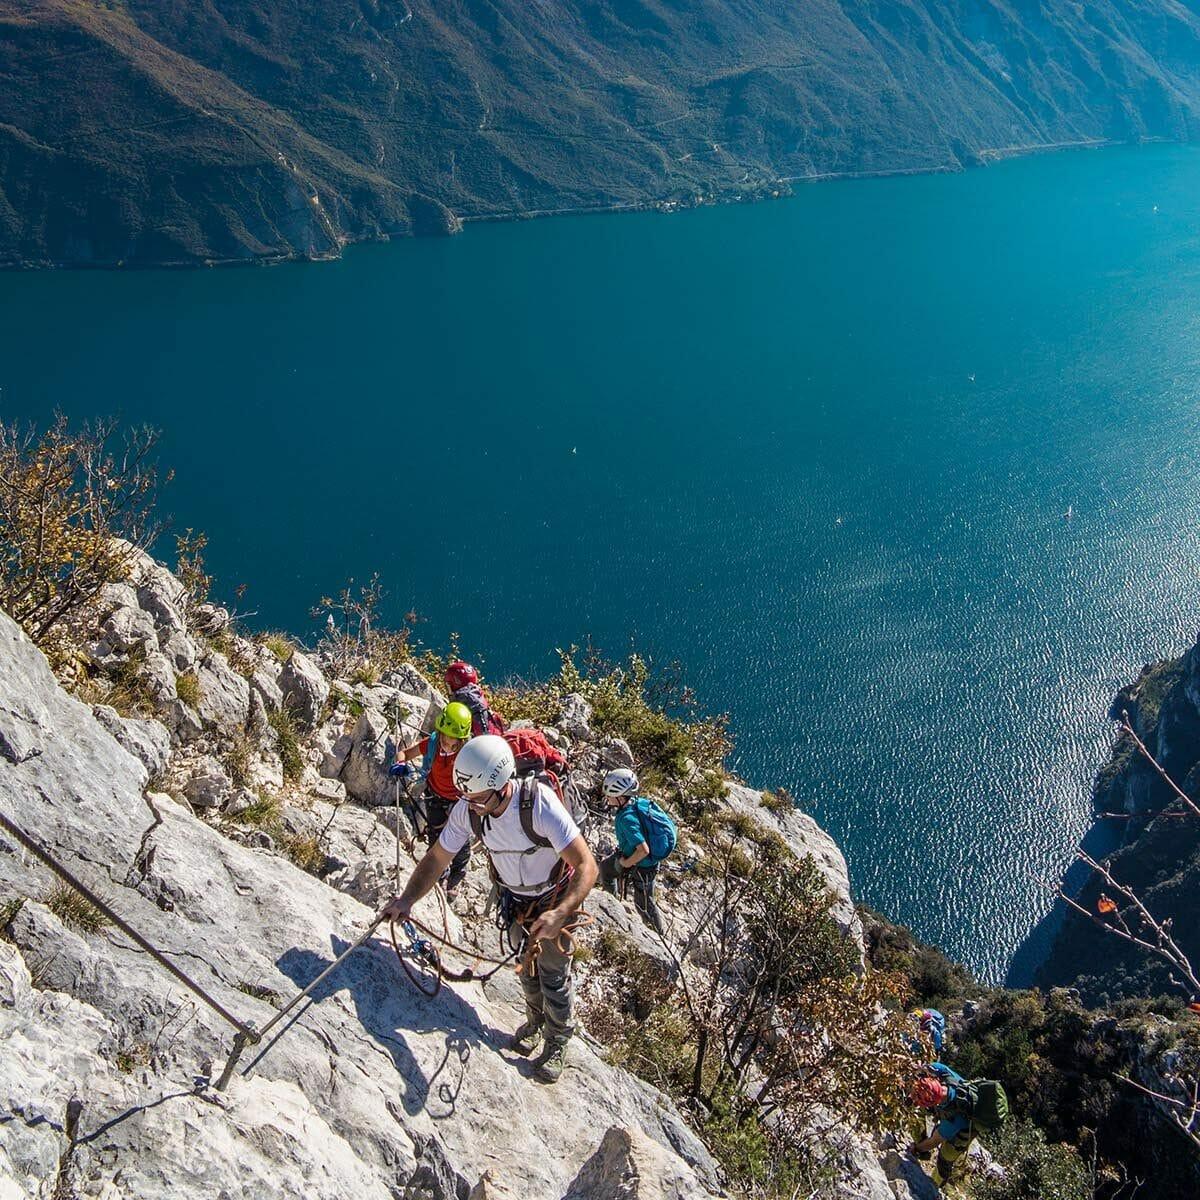 cima capi and lake view